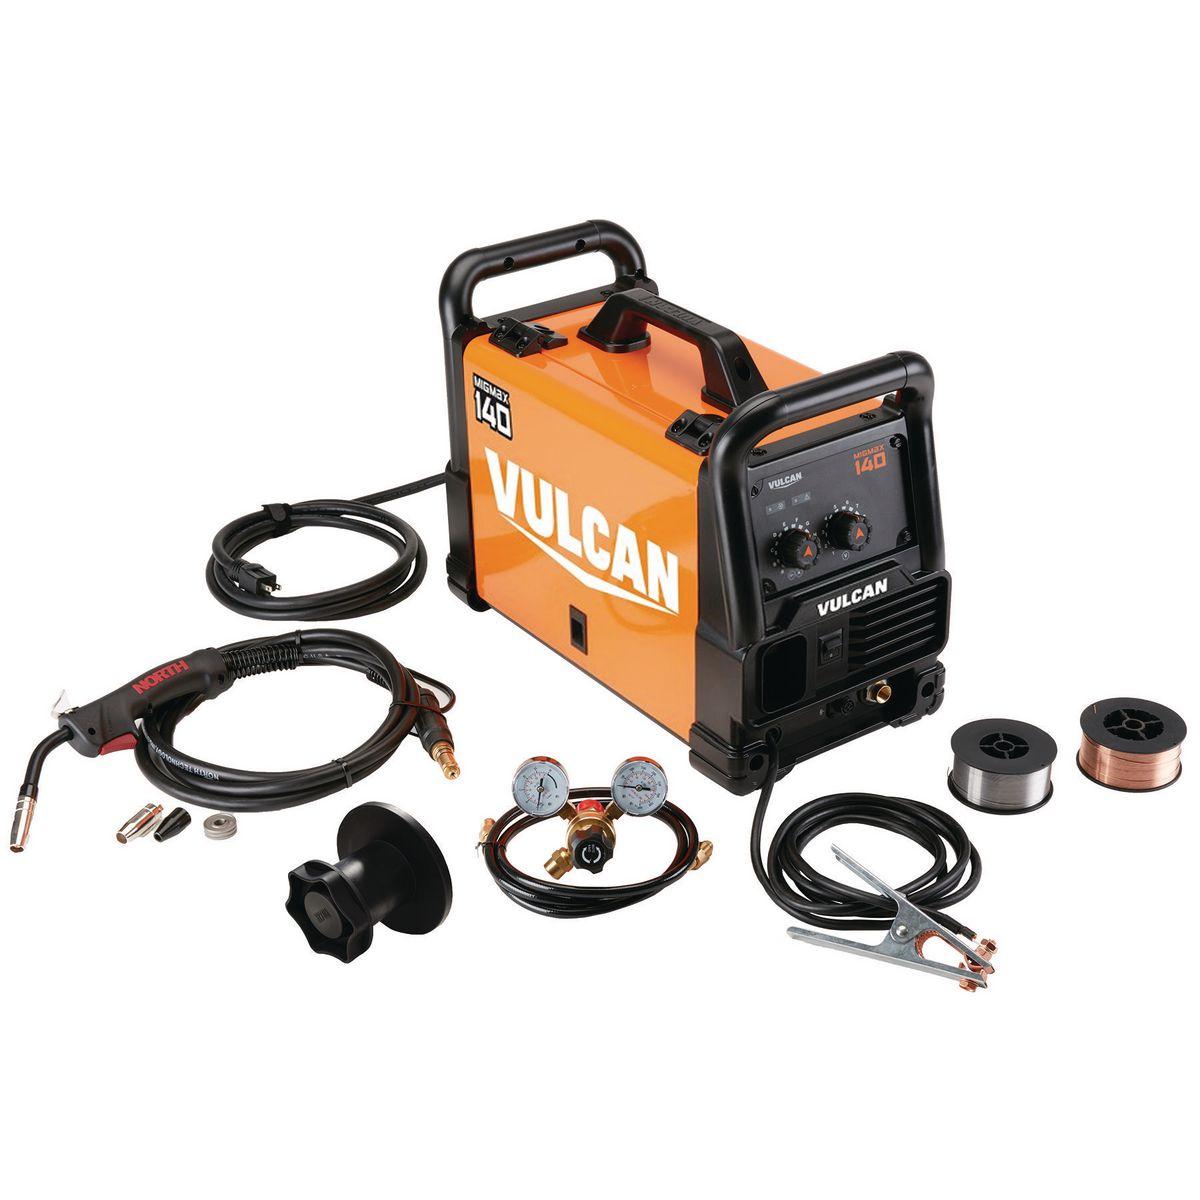 MIGMax™ 140 Welder with 120 Volt Input